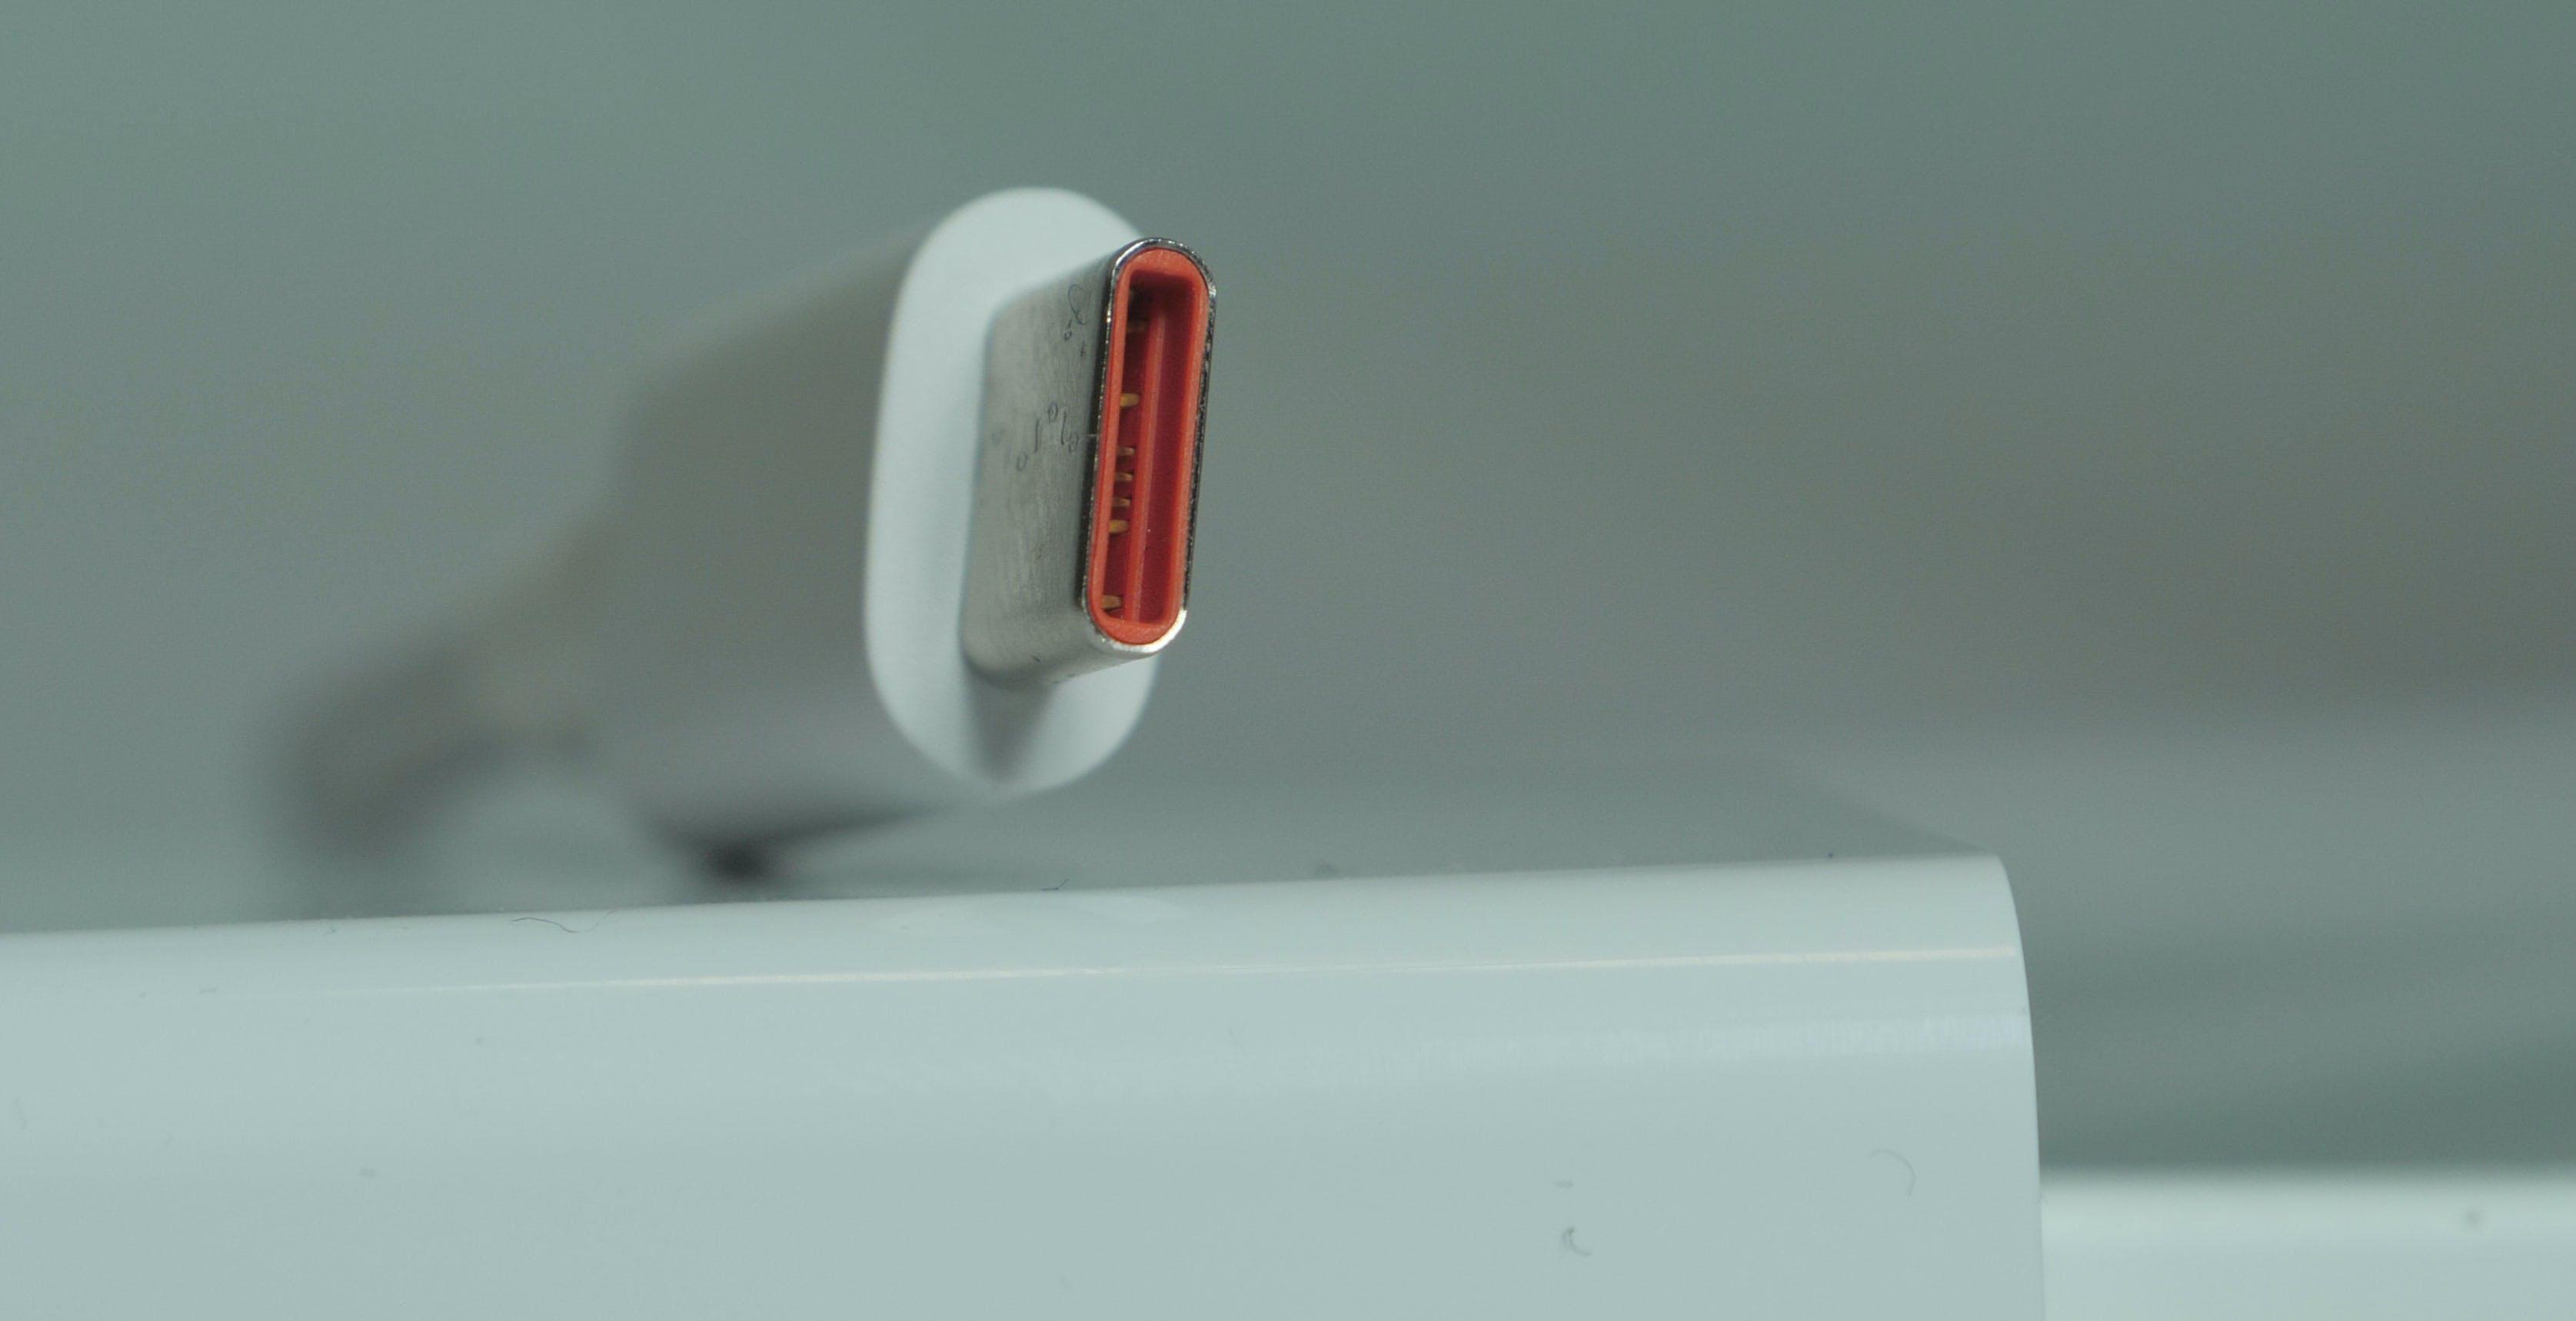 USB 3.0, tutti la vogliono quasi nessuno la usa. Il 99% dei cavi sono a bassa velocità